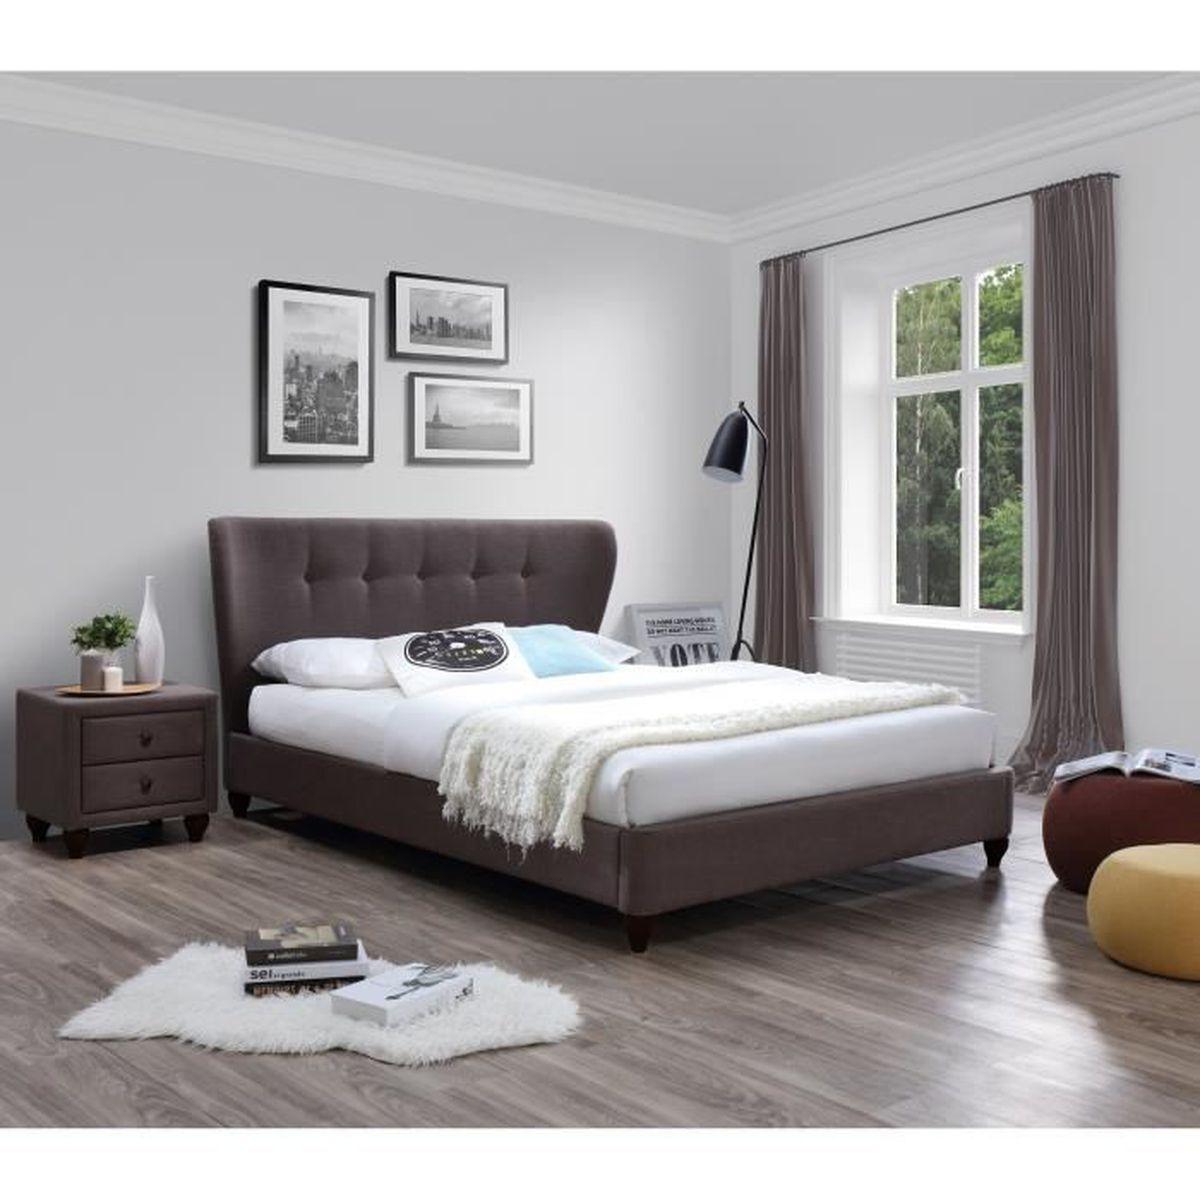 Lit Avec Tete De Lit Matelassé bois de lit avec tete 160x200 sans sommier